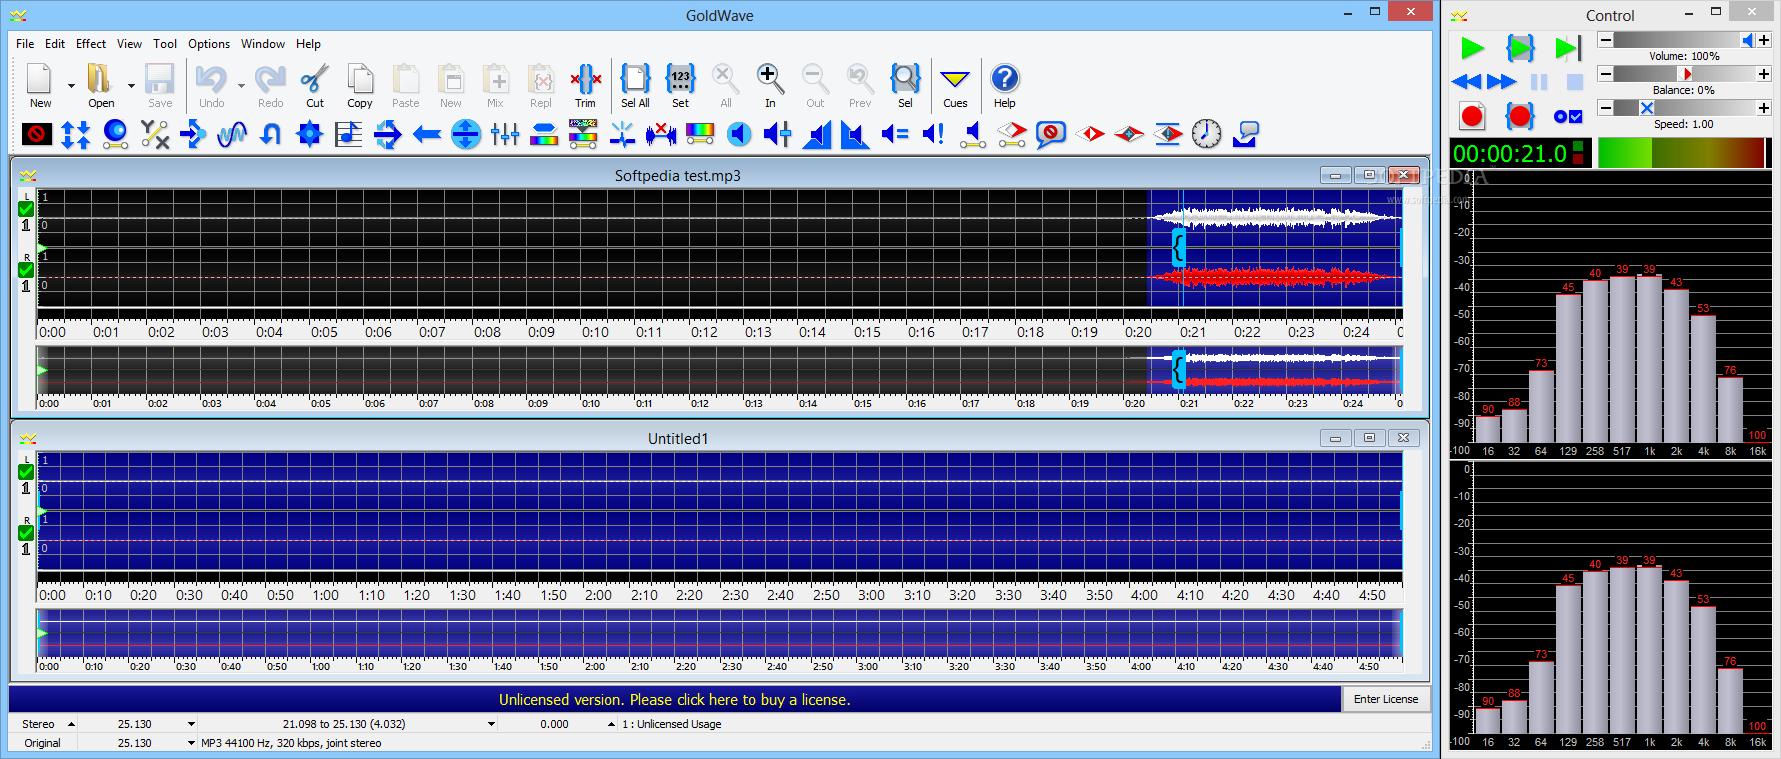 DOWNLOAD GoldWave 5.70 / 6.06 Beta + Crack Keygen PATCH | 2020 UPDATED